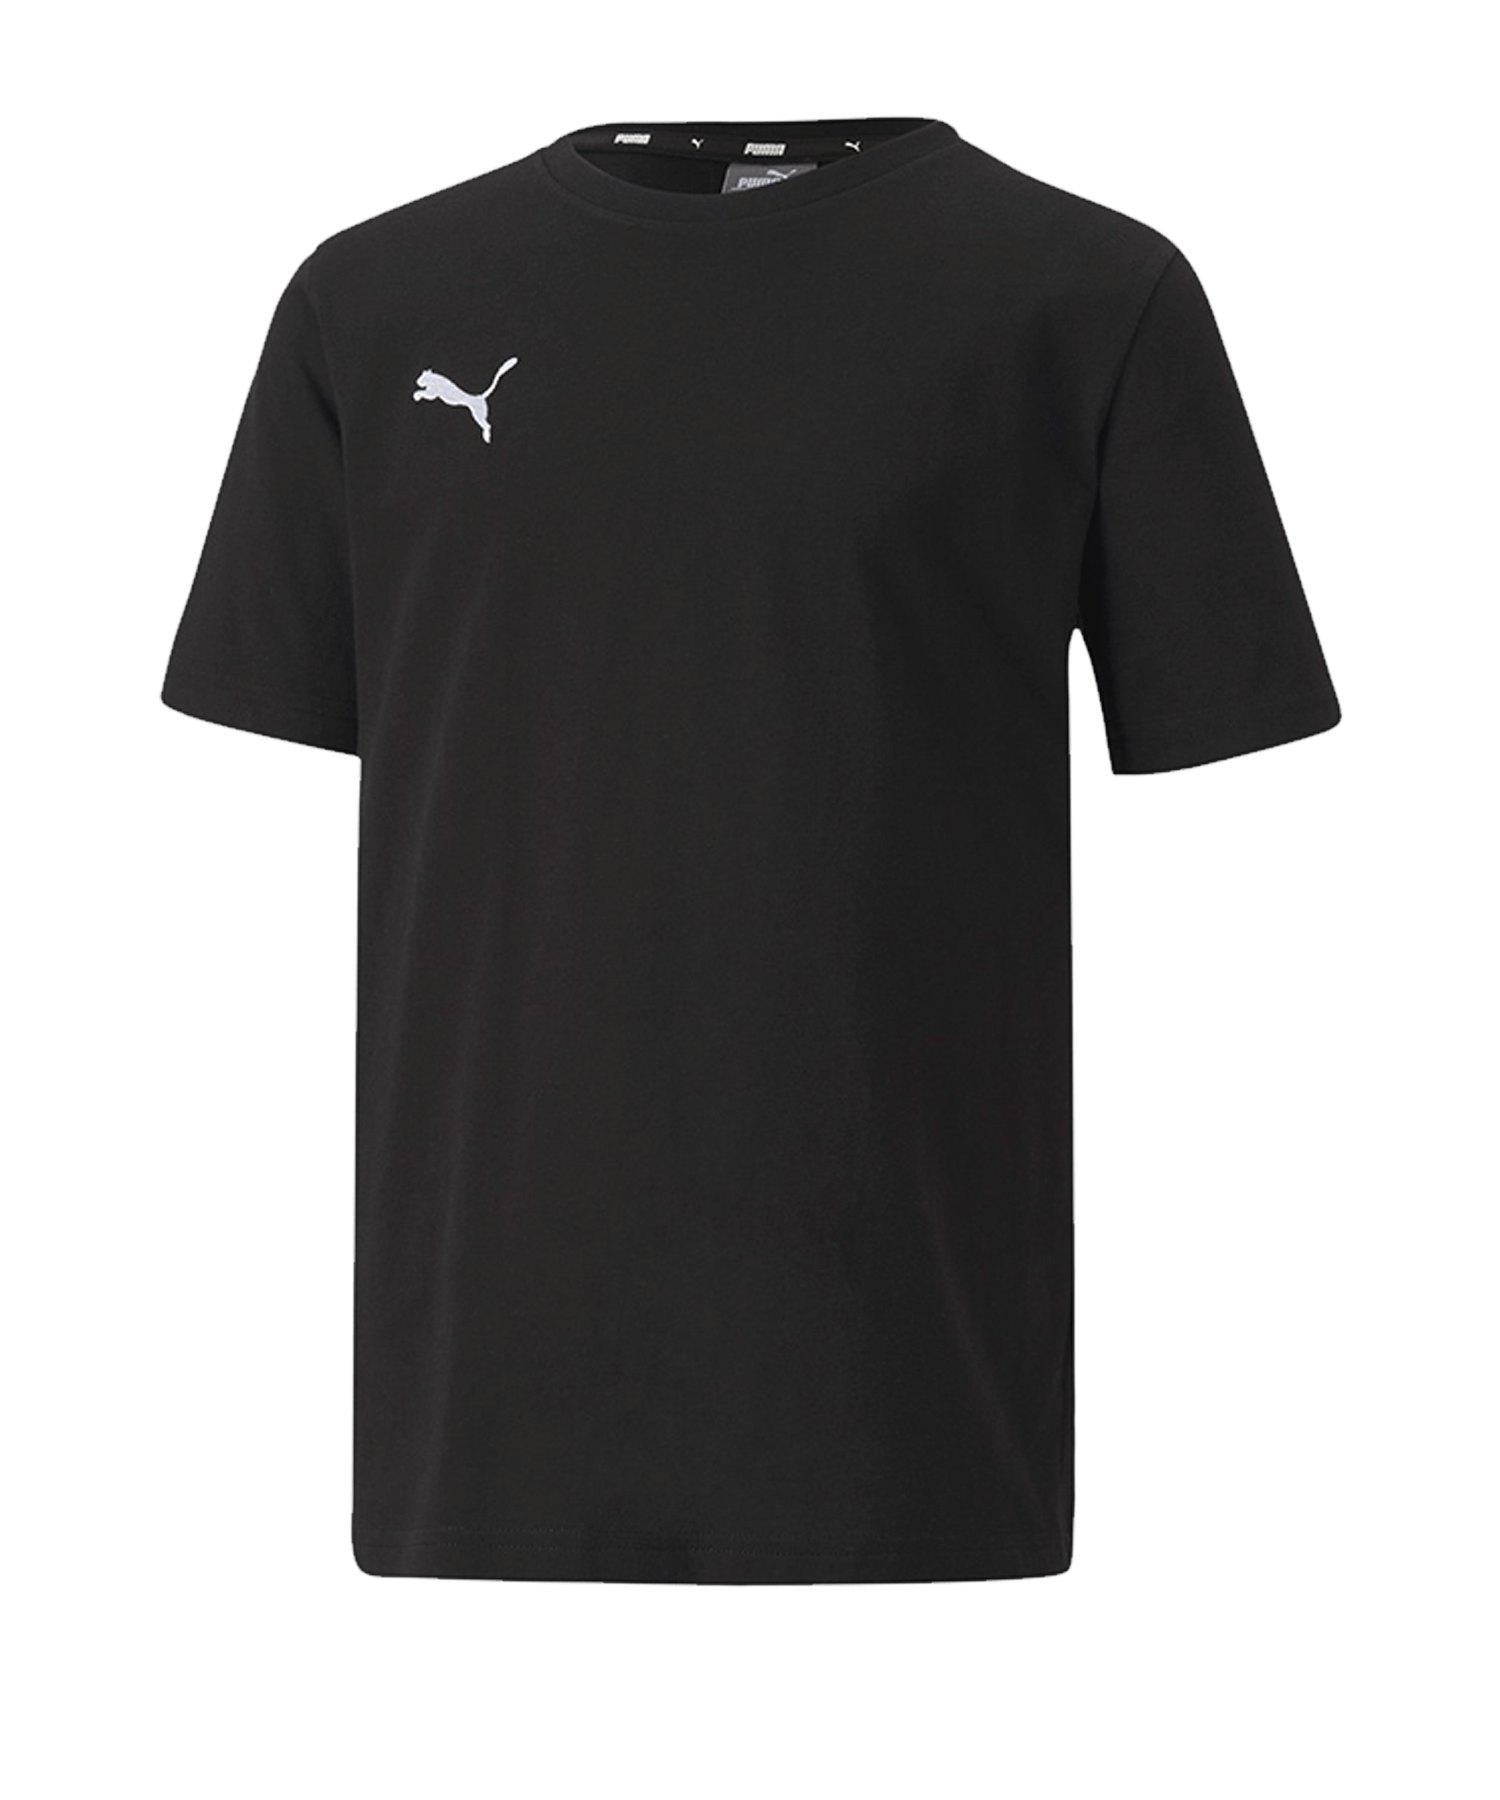 PUMA teamGOAL 23 Casuals Tee T-Shirt Kids F03 - schwarz